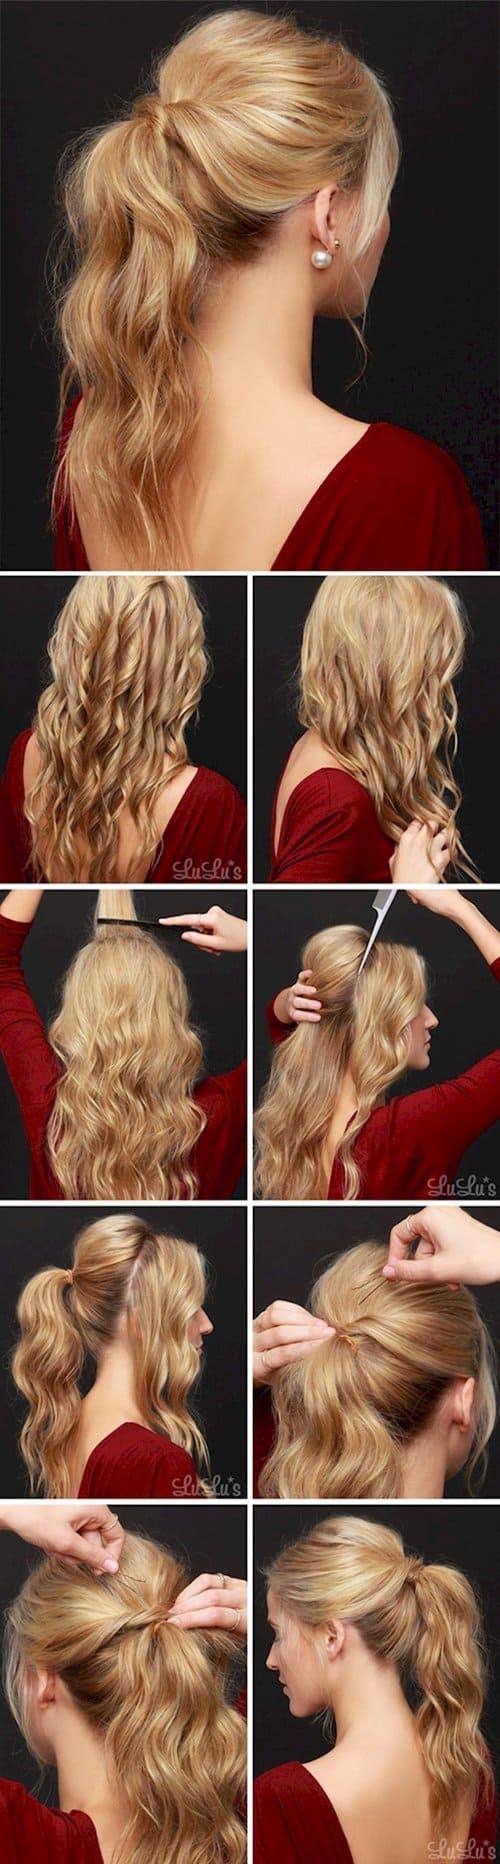 ponytails-wavy